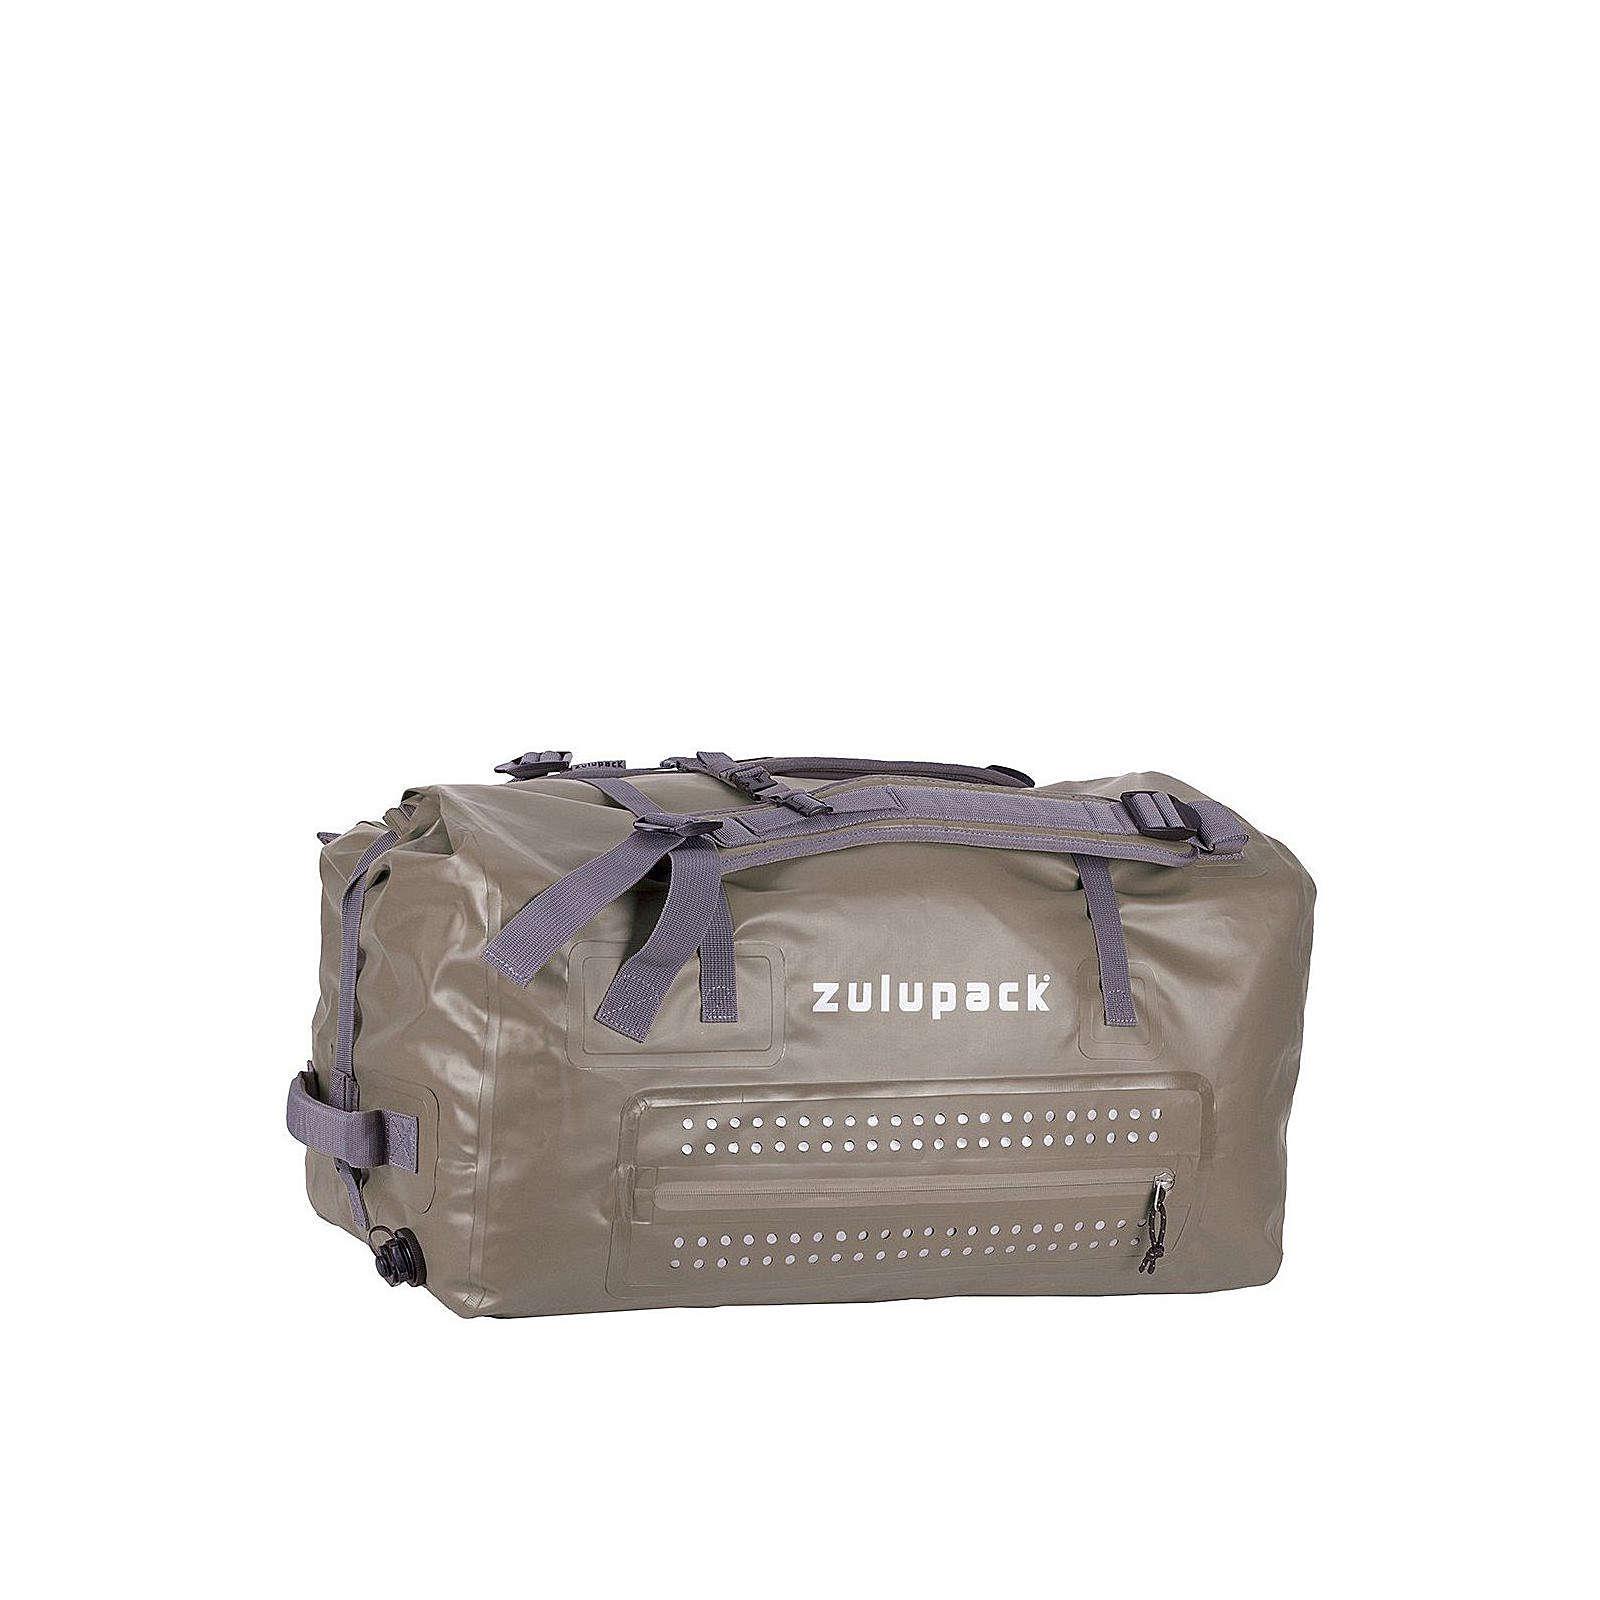 Zulupack Borneo Reisetasche 85 L waterproof 70 cm Reisetaschen grau